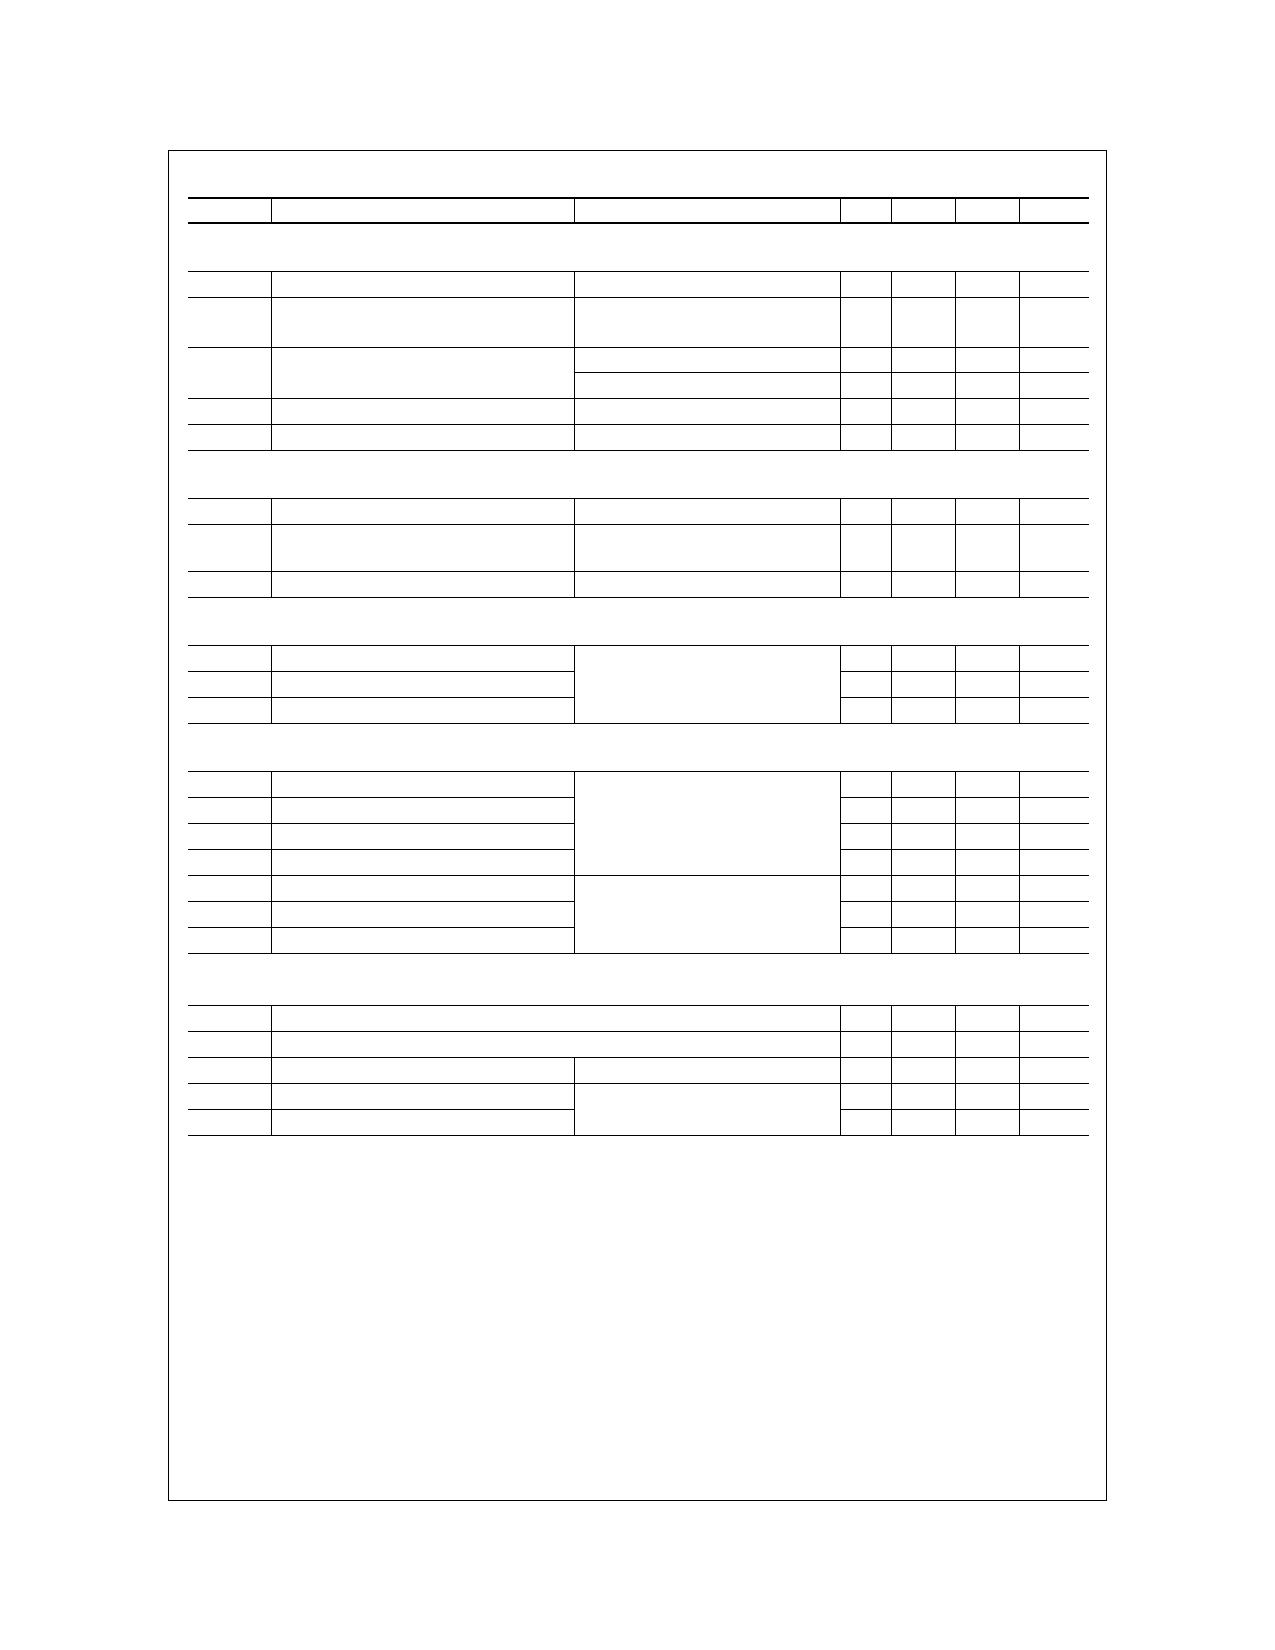 5N50C pdf schematic